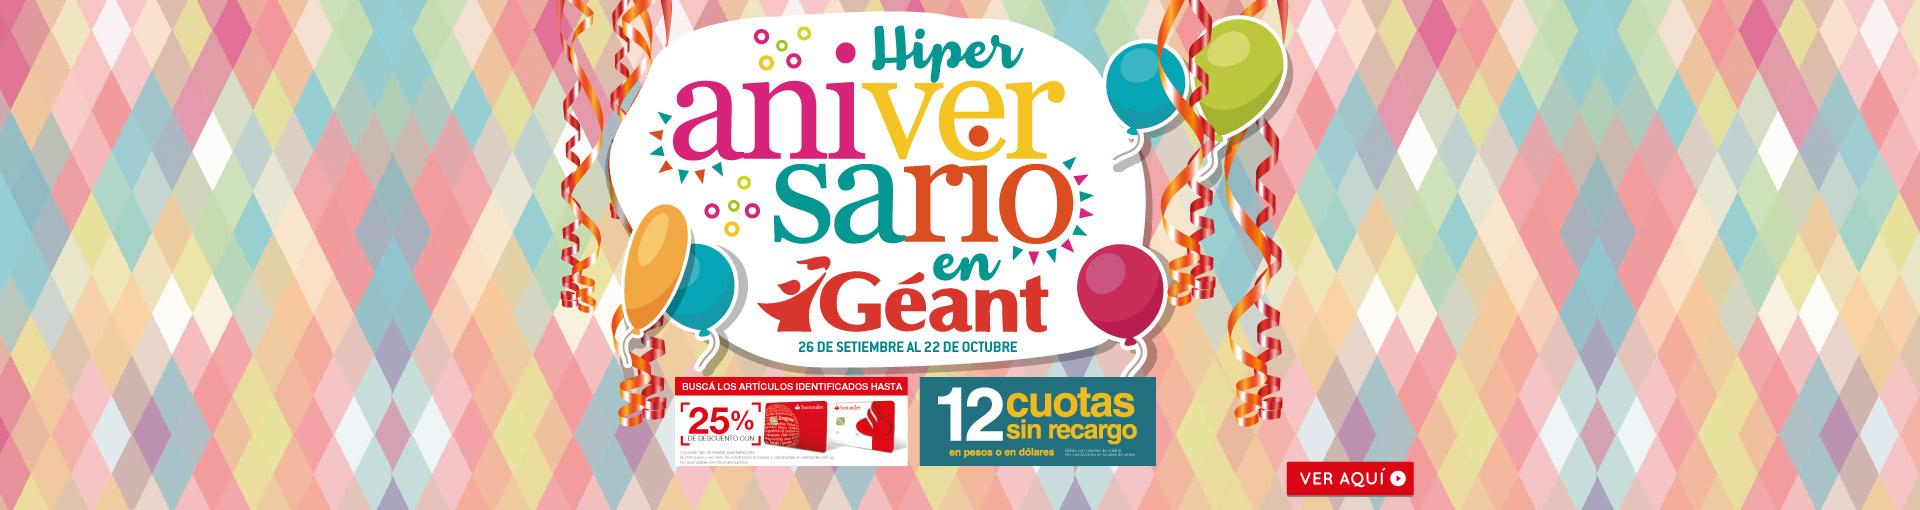 h-Genérico-Julio-Día-del-Niño-Aniversario